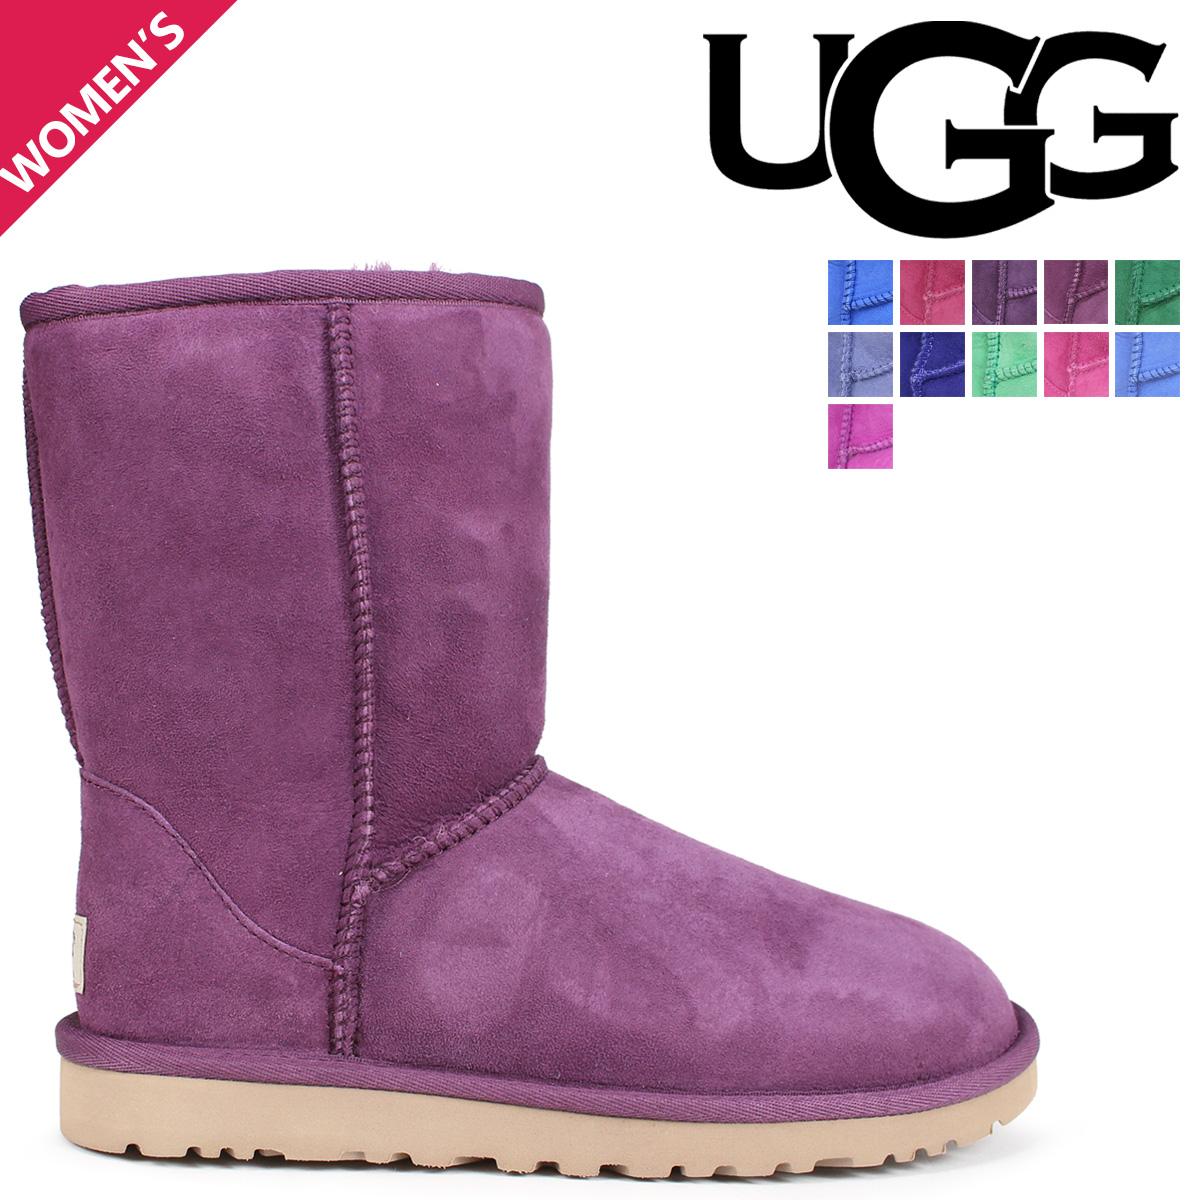 アグ UGG ブーツ ムートンブーツ クラシック ショート 2 レディース ショート2 5825 1016223 WOMENS CLASSIC SHORT 2